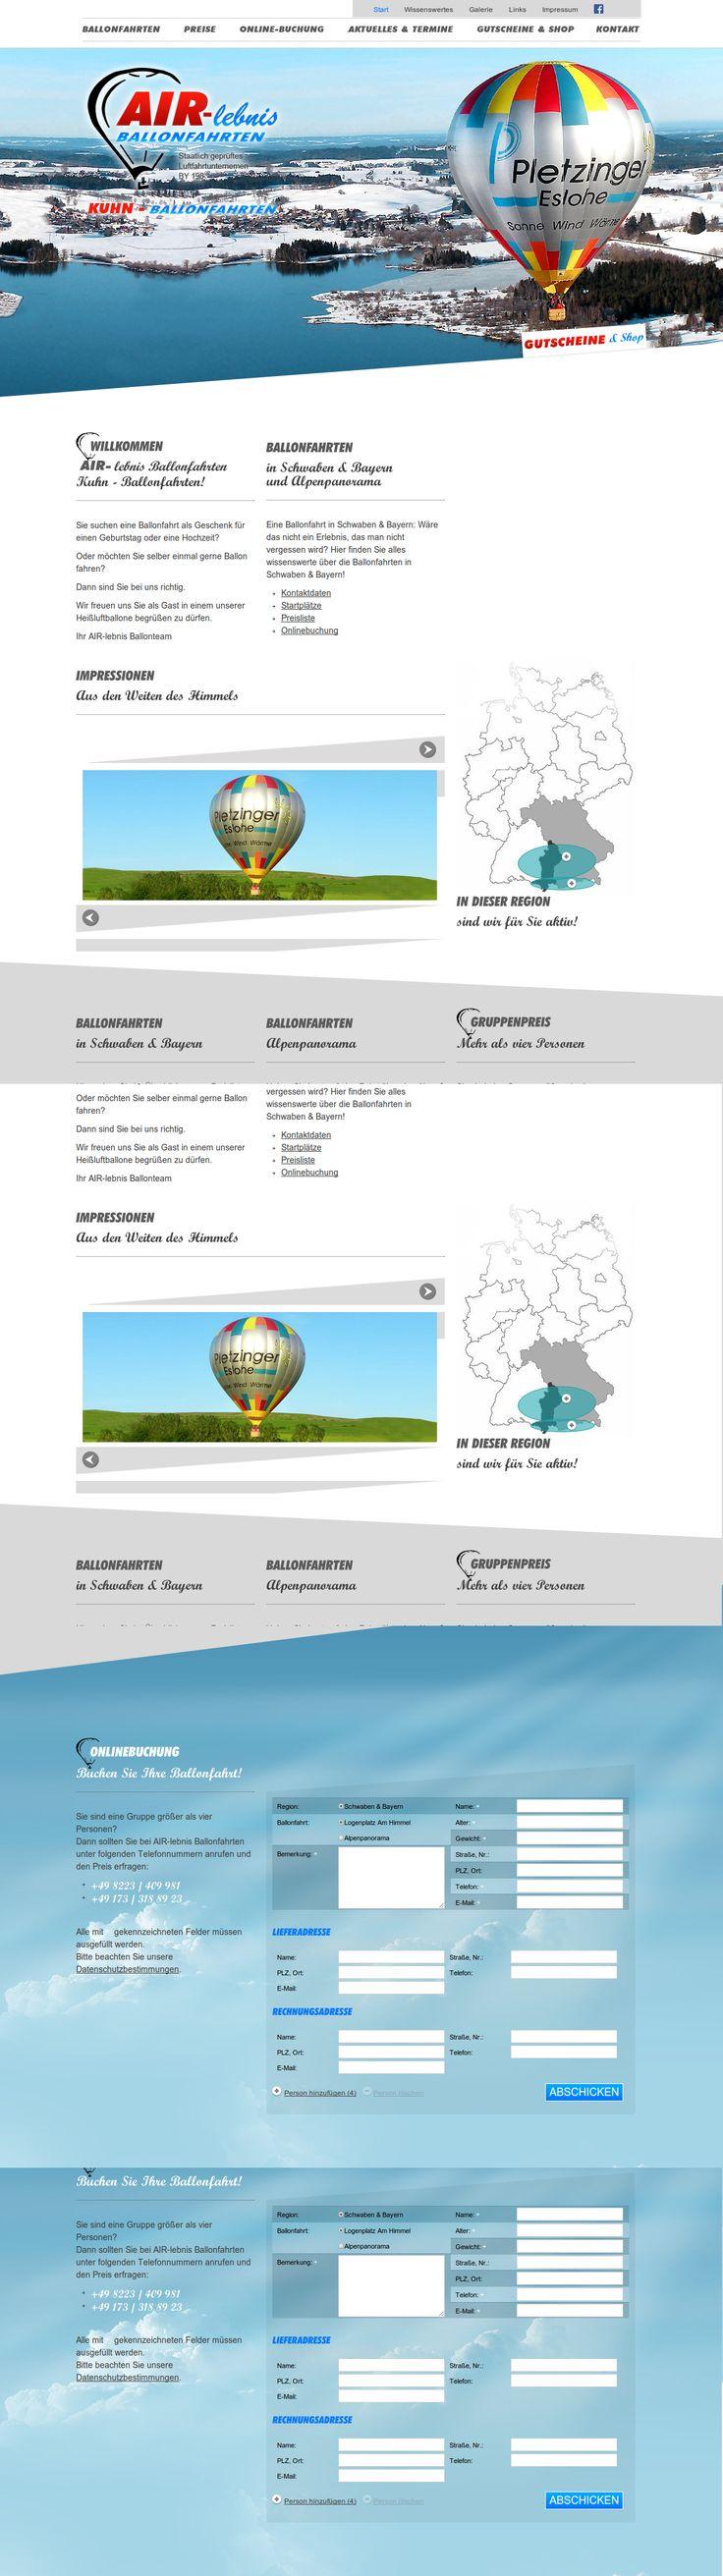 """Eine Ballonfahrt vor herrlichem Alpenpanorama in Schwaben oder Bayern, ist ein wundervolles Air-Lebnis. Die moderne Website http://www.air-lebnis.de/ mit einmaligen Impressionen aus den Weiten des Himmels hat auch die International Academy of Visual Arts überzeugt und ist mit dem """"Communicator Awards 2013"""" prämiert worden."""